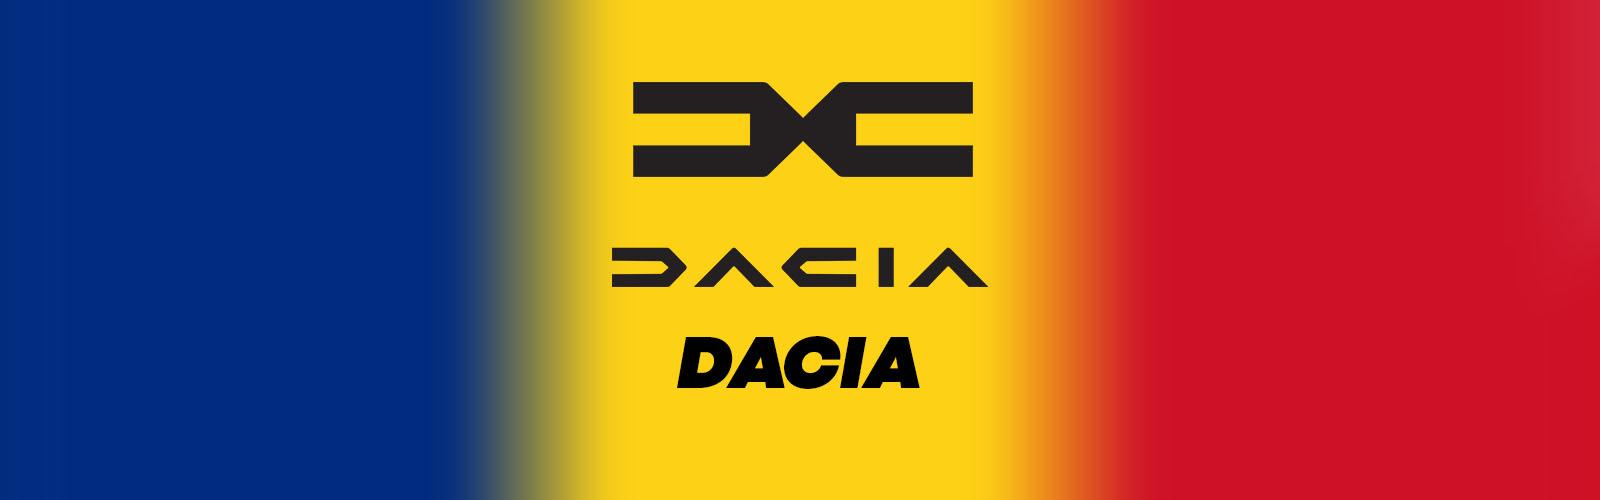 dacia logo marque